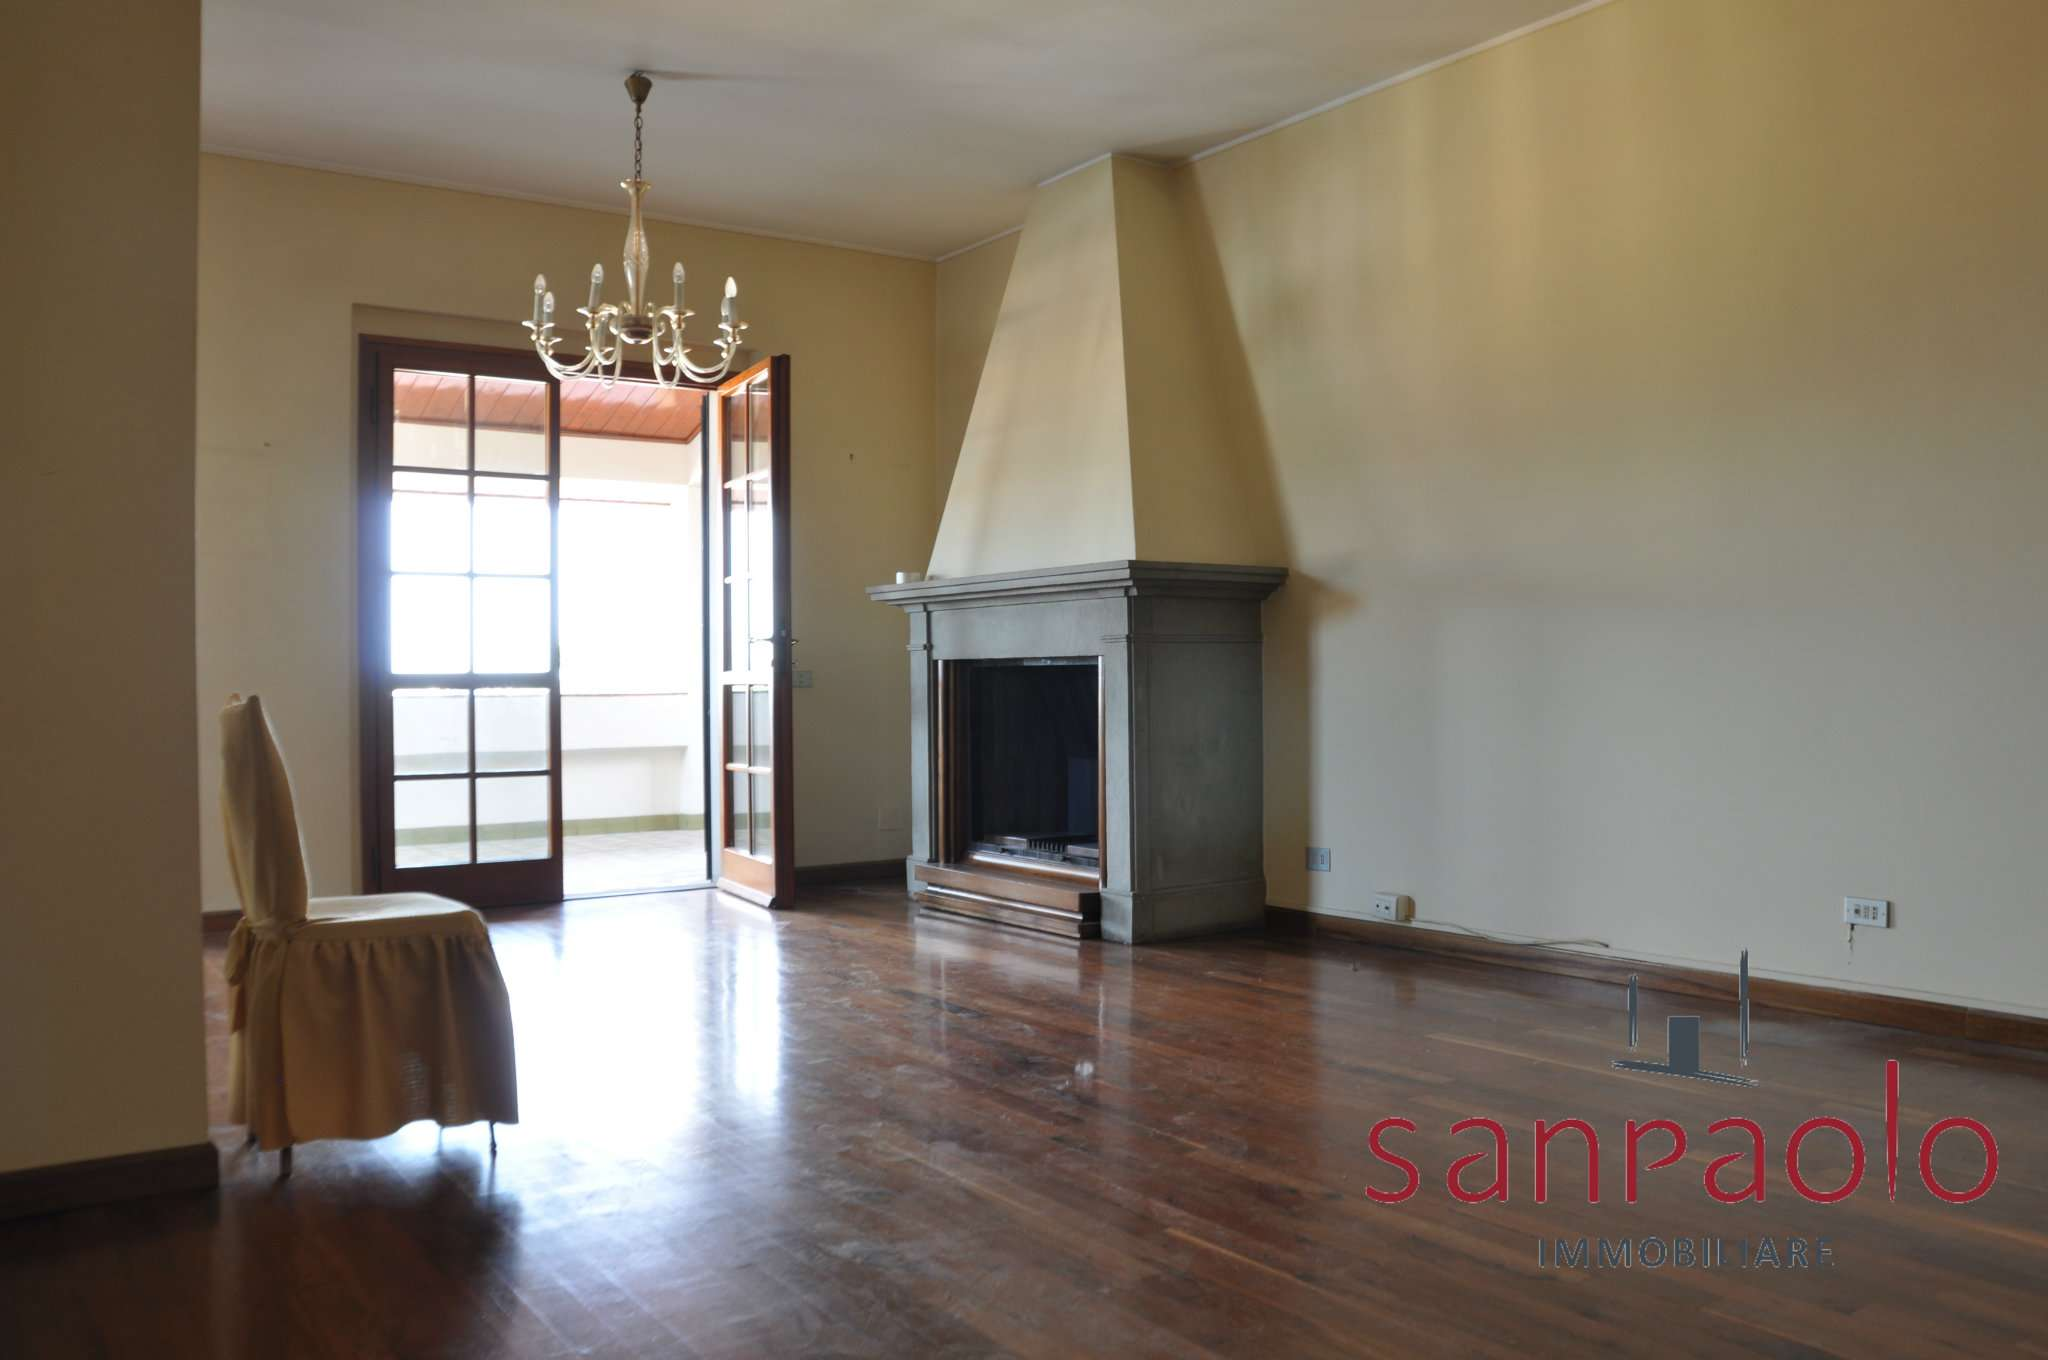 Attico / Mansarda in affitto a Pistoia, 10 locali, prezzo € 1.150 | PortaleAgenzieImmobiliari.it